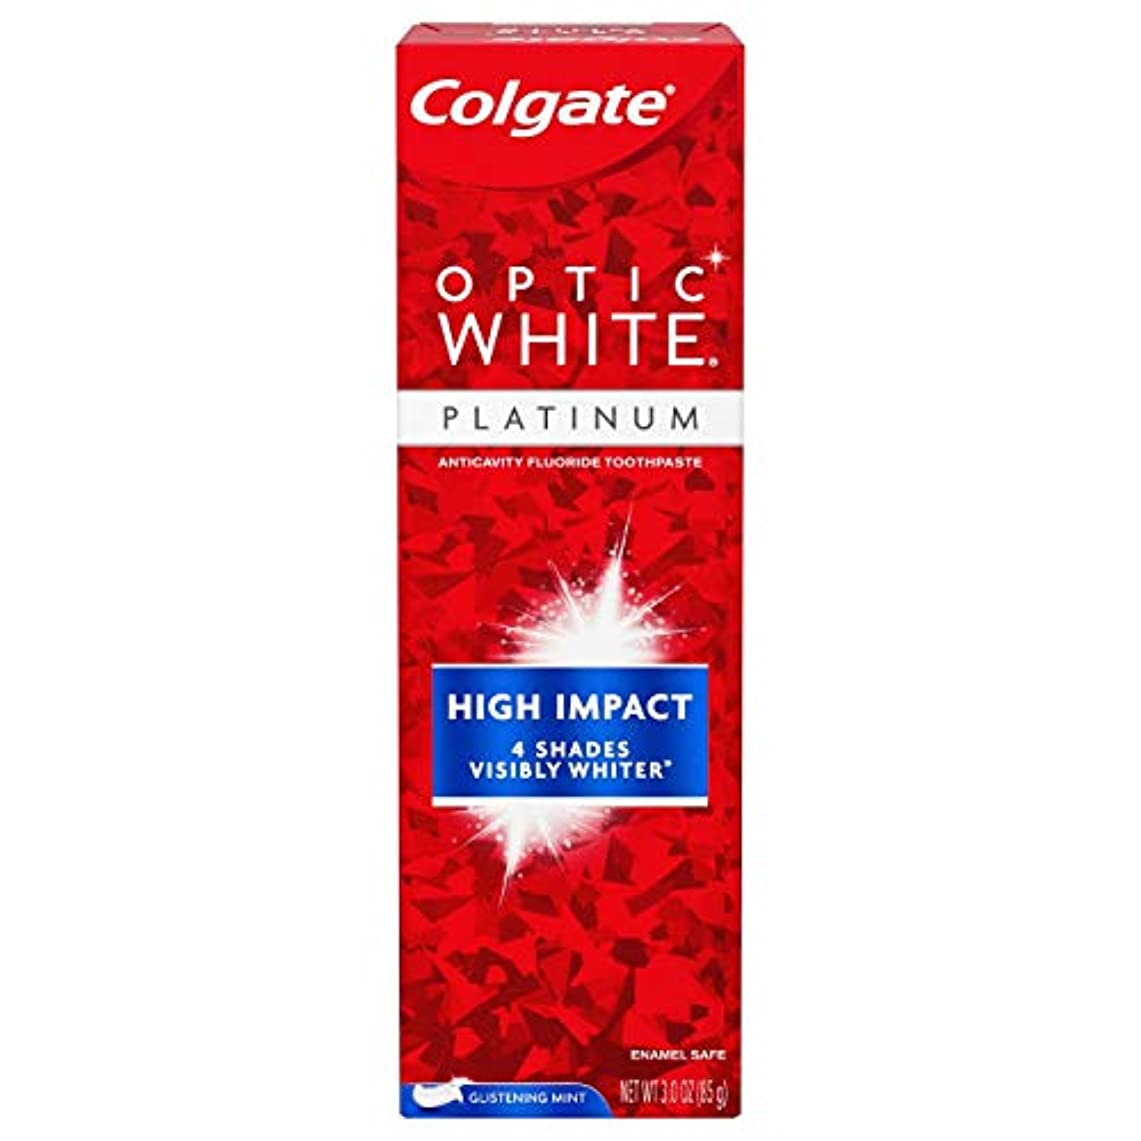 写真撮影広々進むColgate Optic White High Impact White 練り歯磨き [並行輸入品]